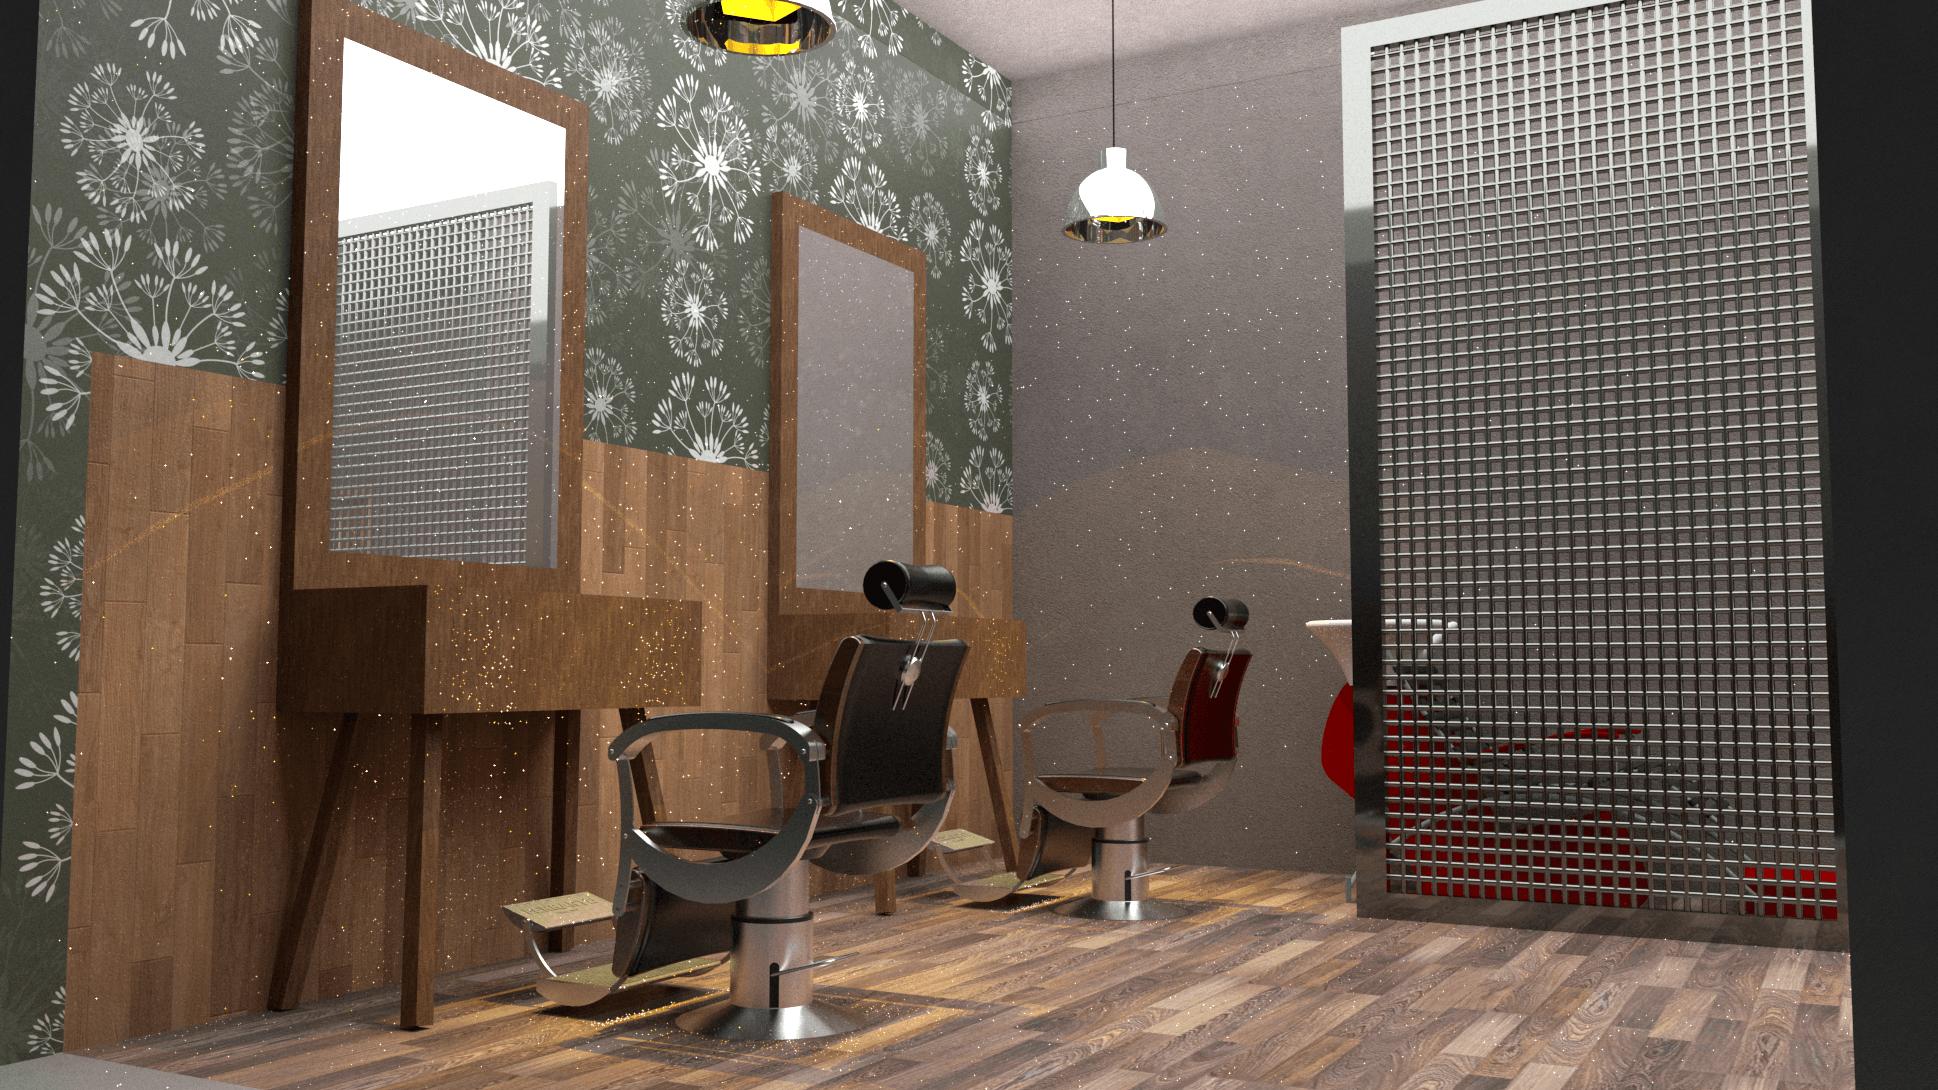 Abbas Design Construction Desain Interior Barbershop Blb Metro, Kota Metro, Lampung, Indonesia Metro, Kota Metro, Lampung, Indonesia Abbasdc-Desain-Interior-Barbershop-Milik-Bapak-Lingga-B   59066